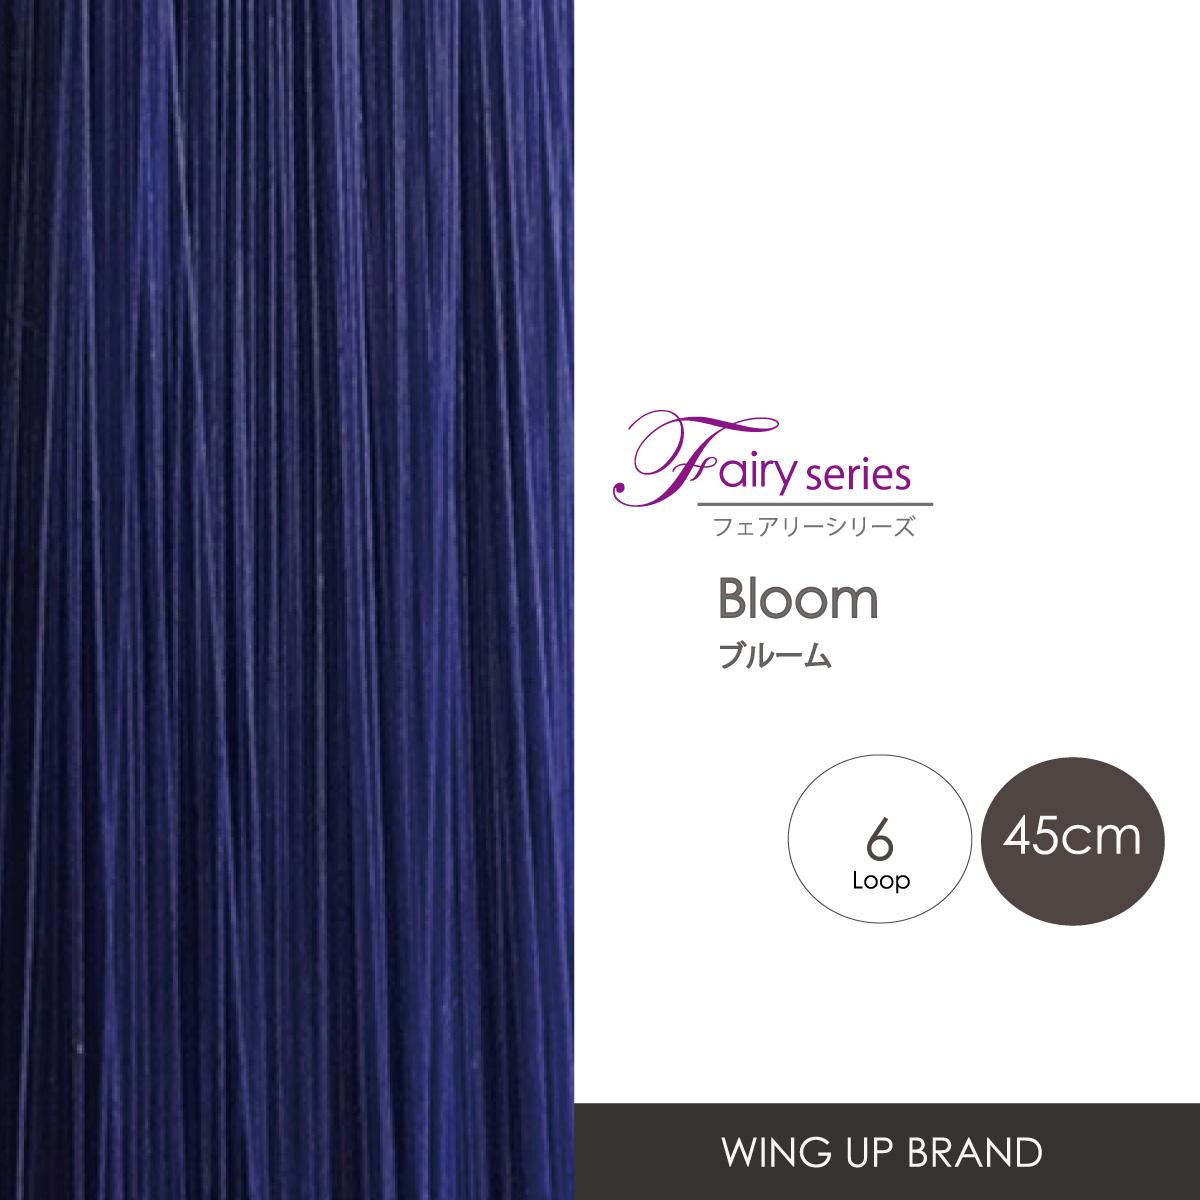 増毛エクステ【WING-UP-BRAND】フェアリーシリーズ|aブルーム|高品質形状記憶ウィングループ6本束(45cm)|750本シート|メッシュ|カラーエクステ